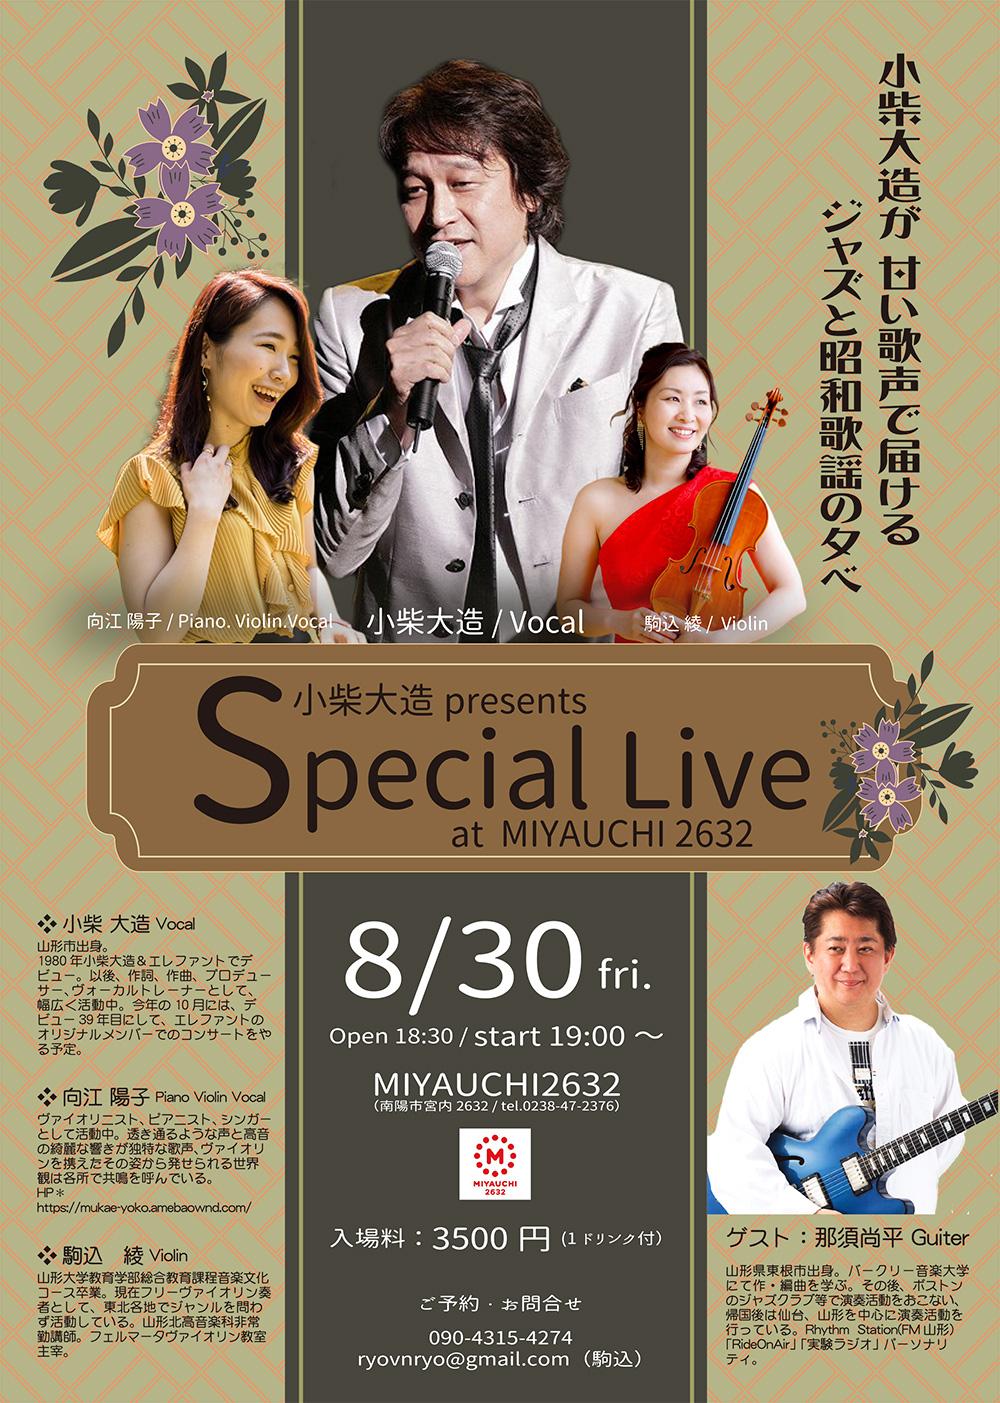 小柴大造プレゼンツ<br>Special Live<br>at MIYAMACHI 2632